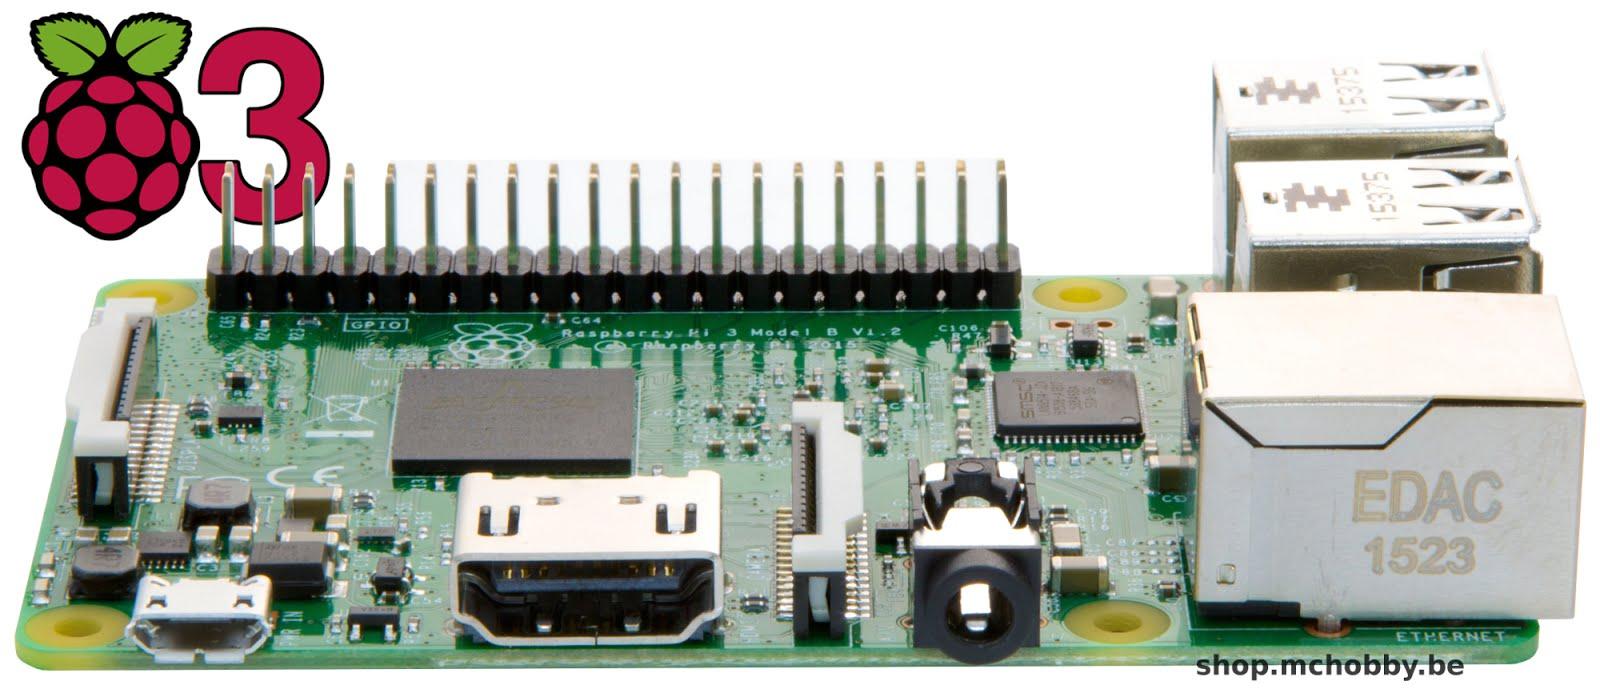 Frambuesa Pi 3: todo lo que necesitas saber sobre el mini PC con su enorme potencial 2